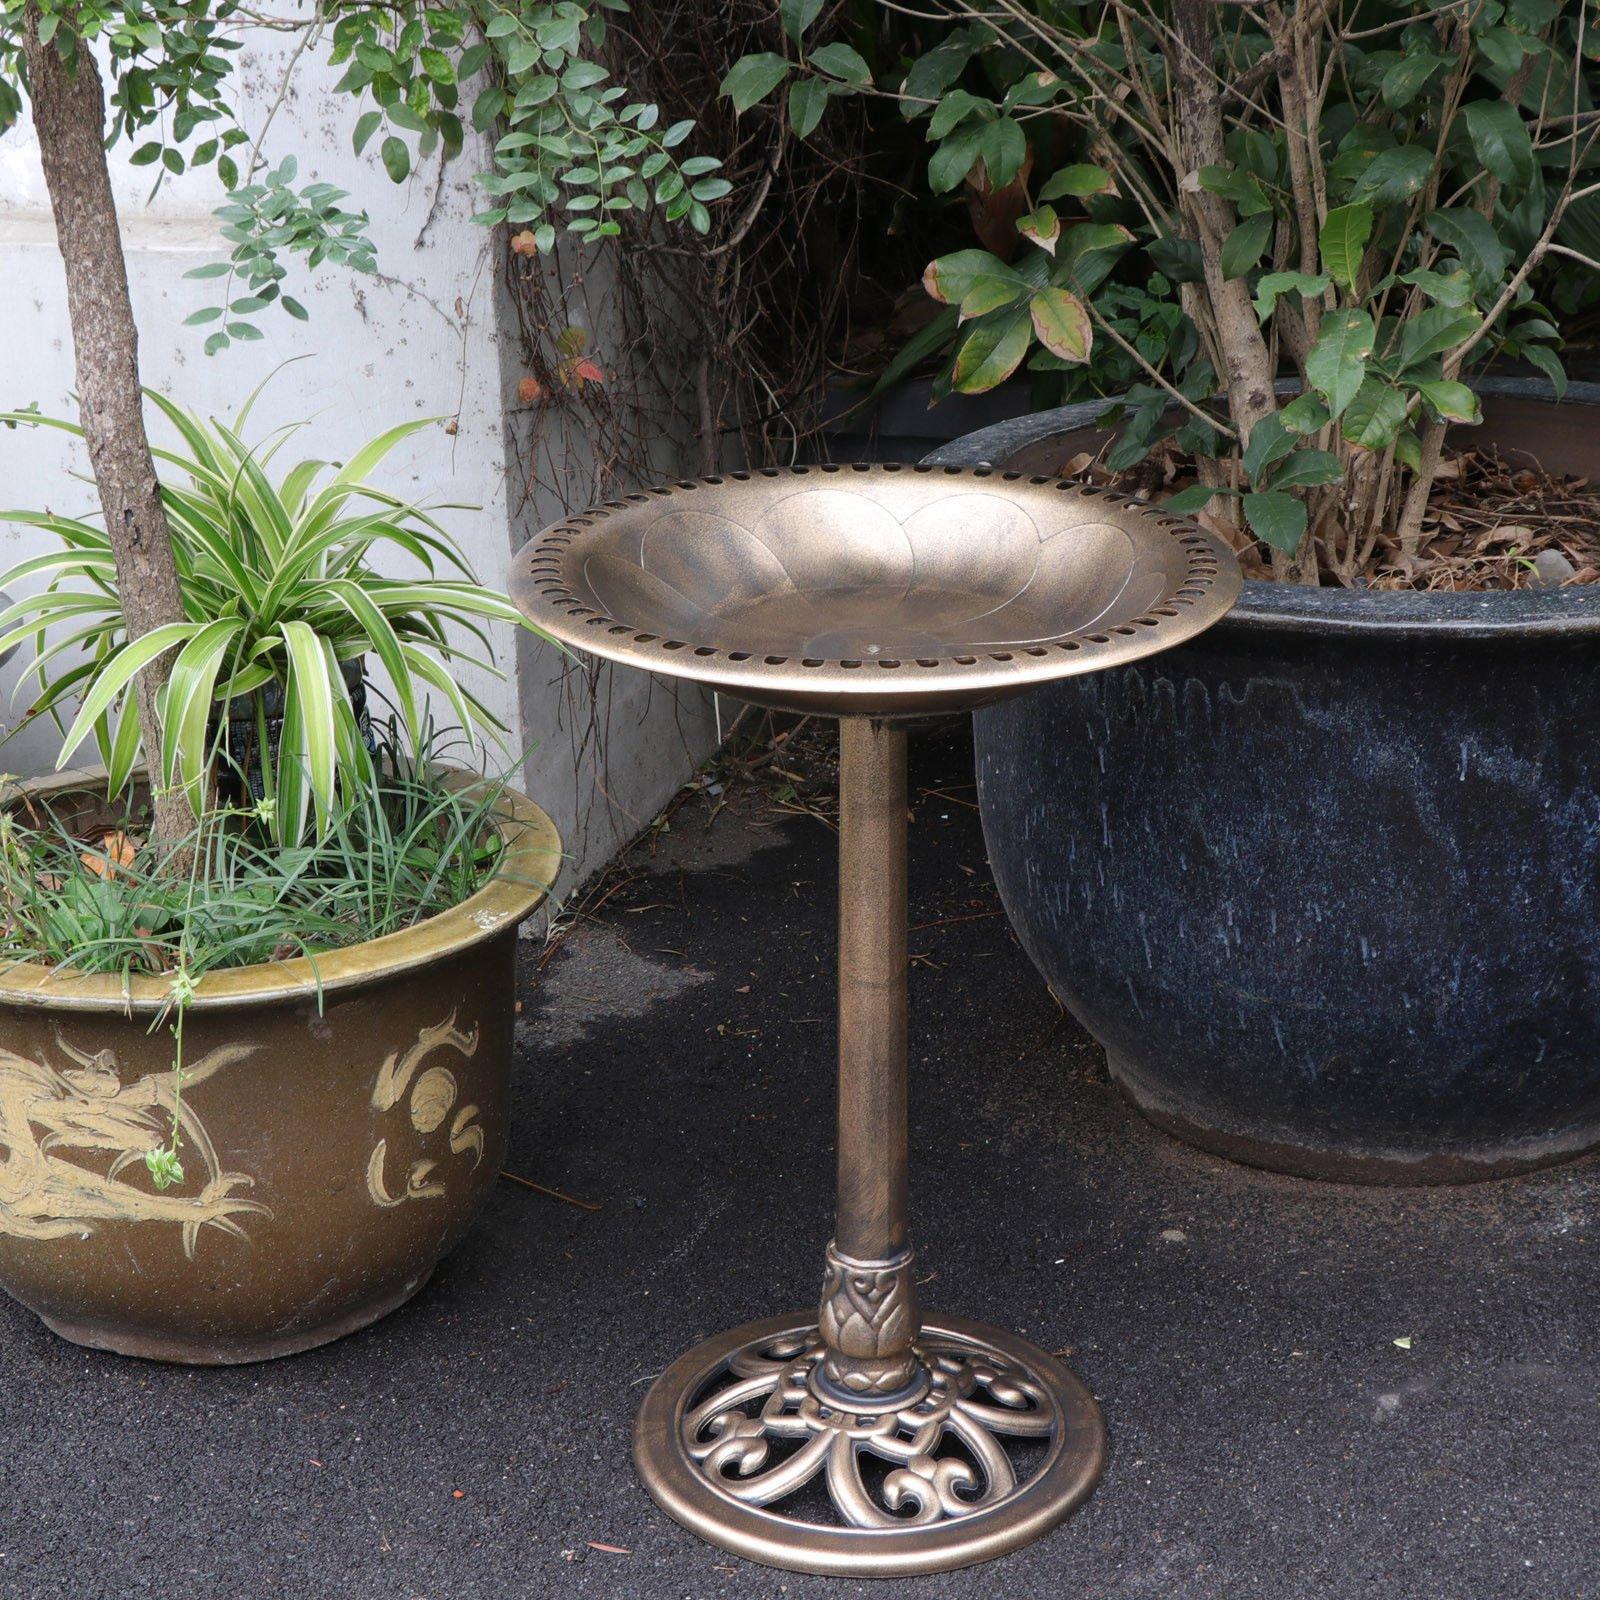 HomGarden Outdoor Pedestal Bird Bath Garden Decor Decorative Feeders (Antique Copper) by HomGarden